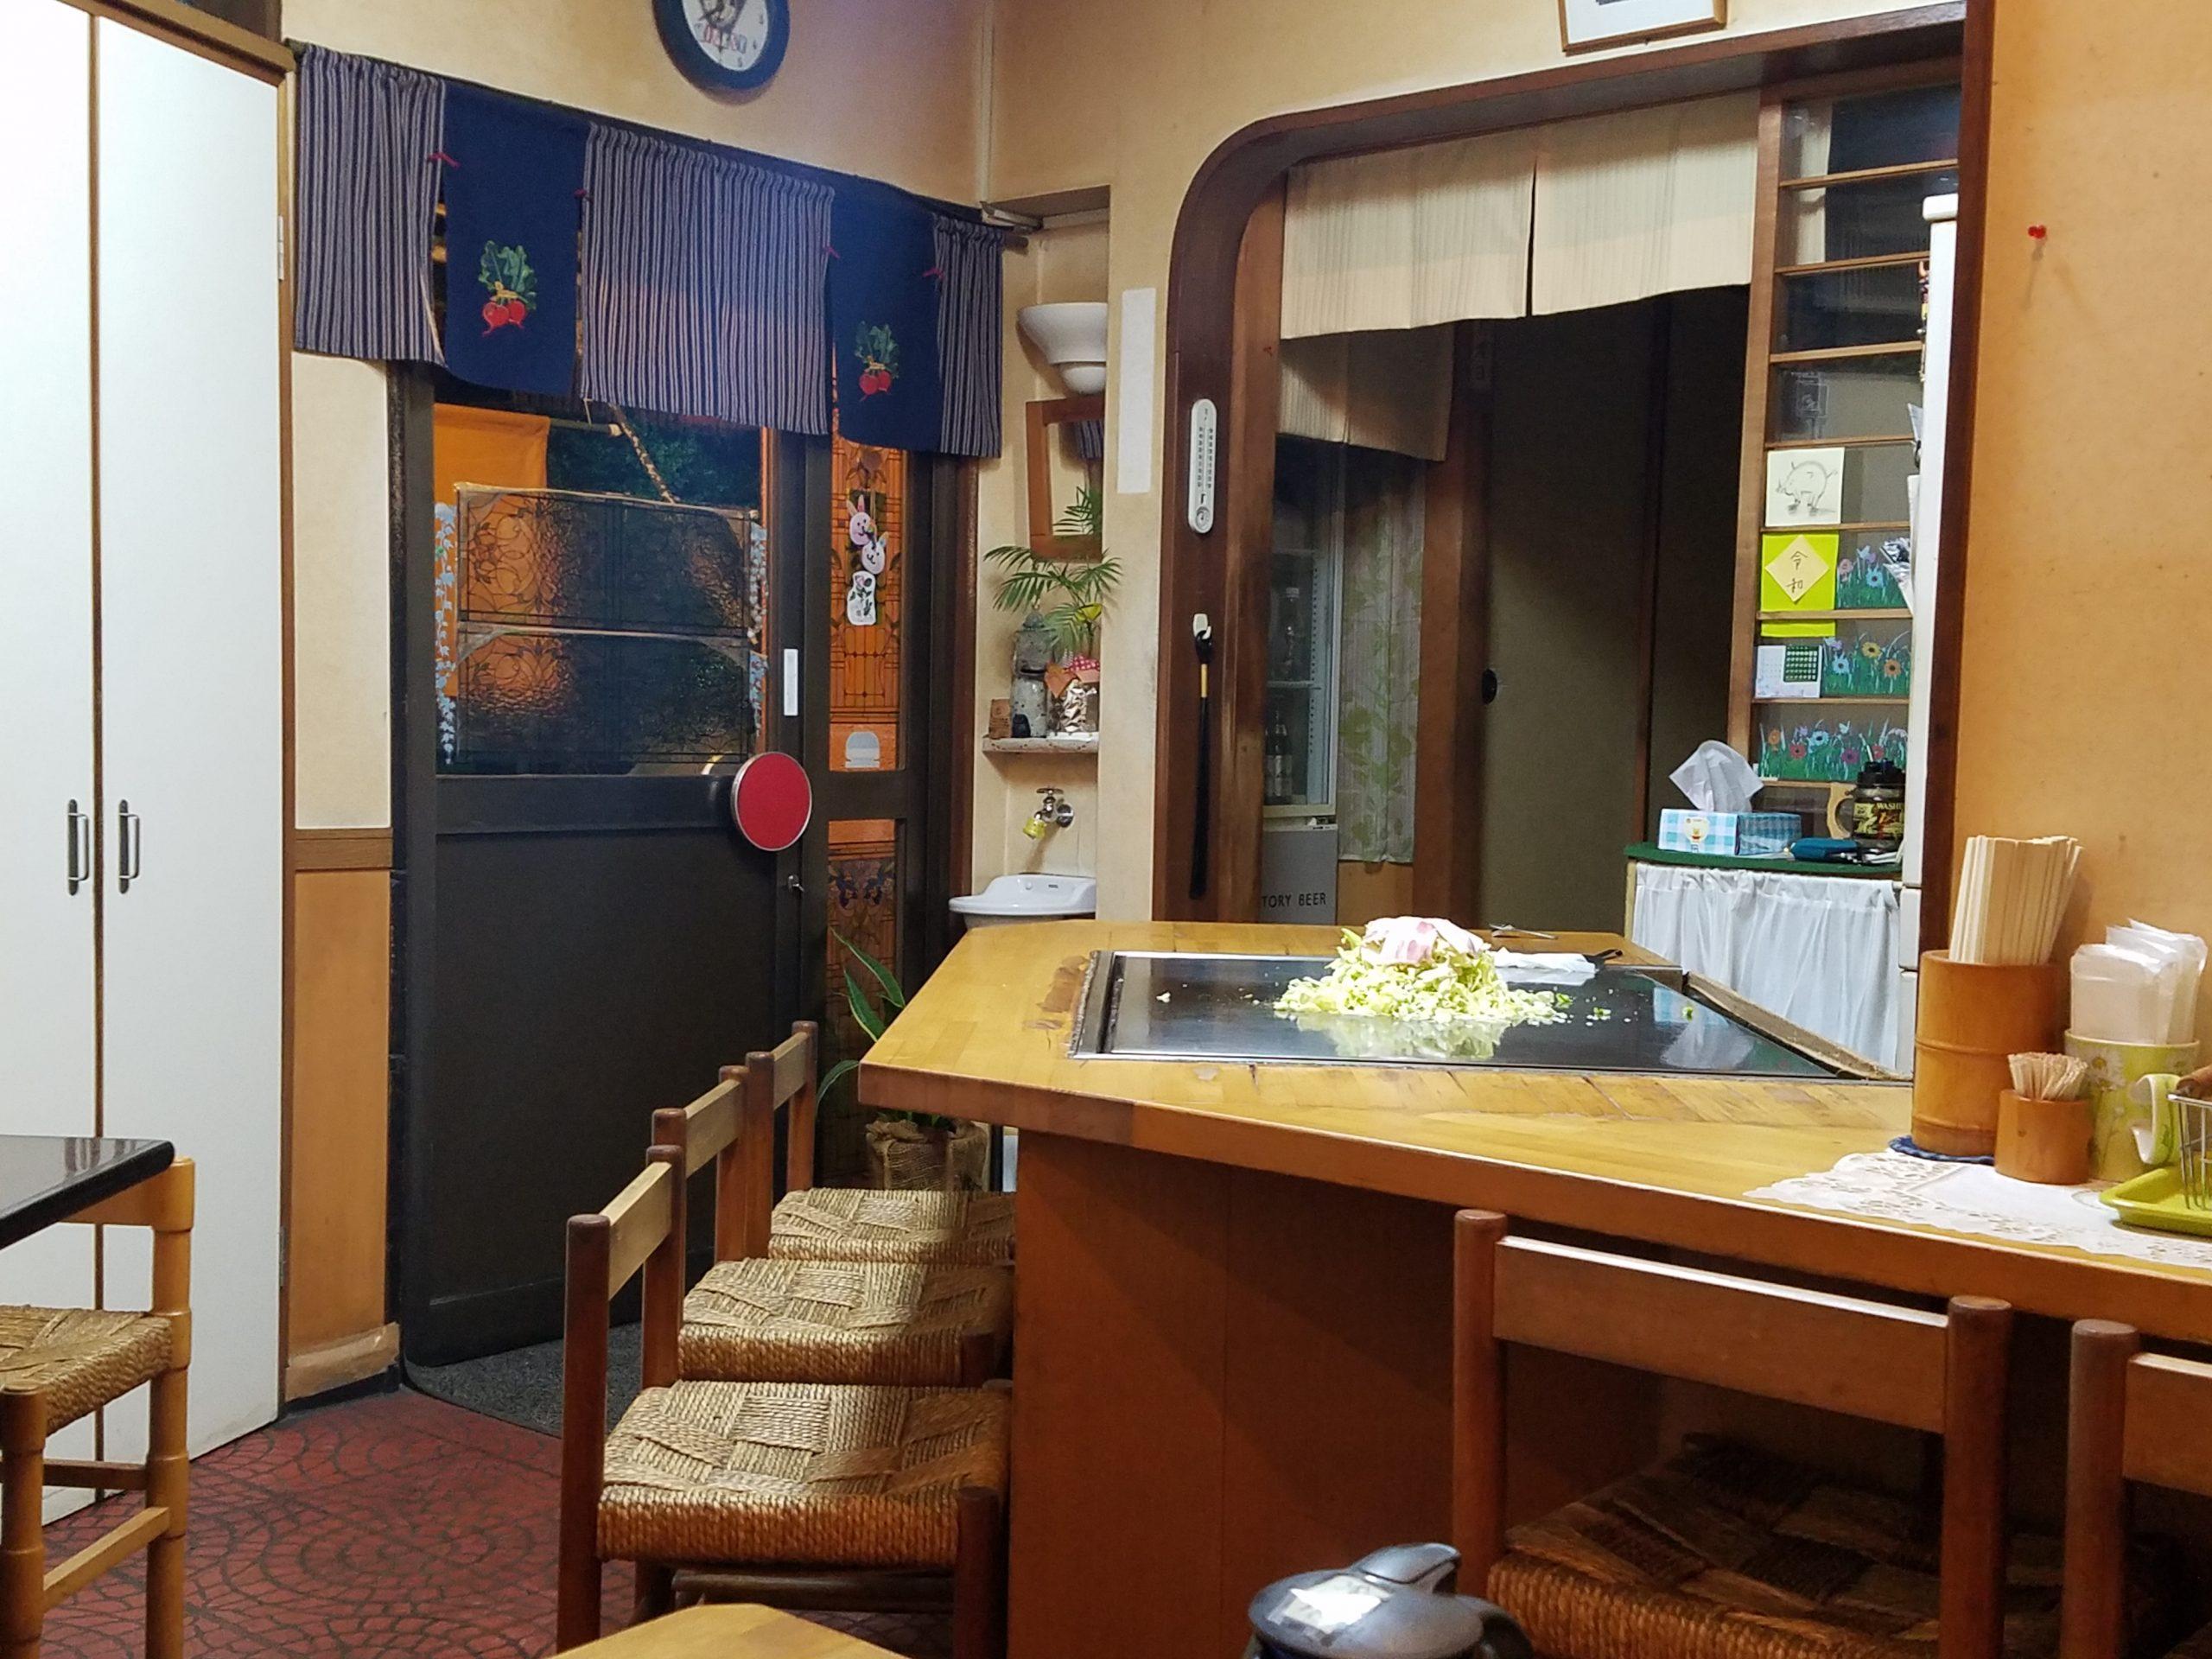 хапваме окономияки в ресторантче с 10 места в Окаяма